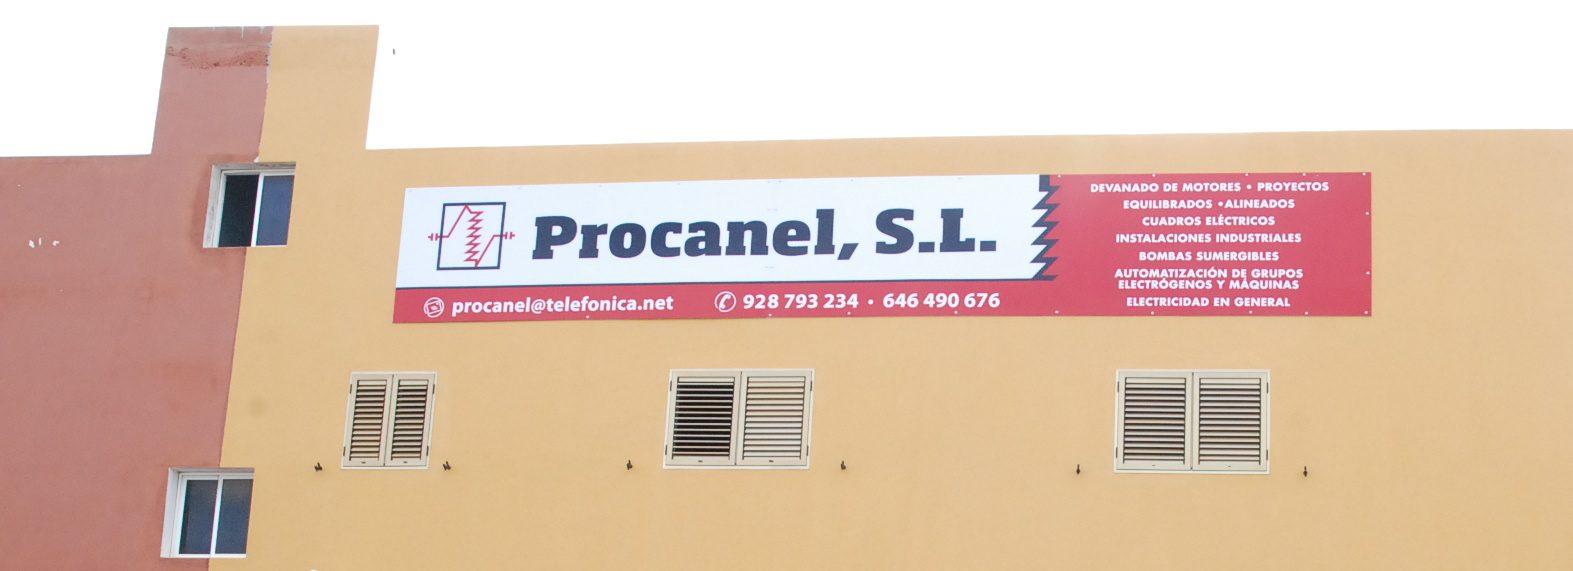 Visita del alumnado de FP a la empresa PROCANEL